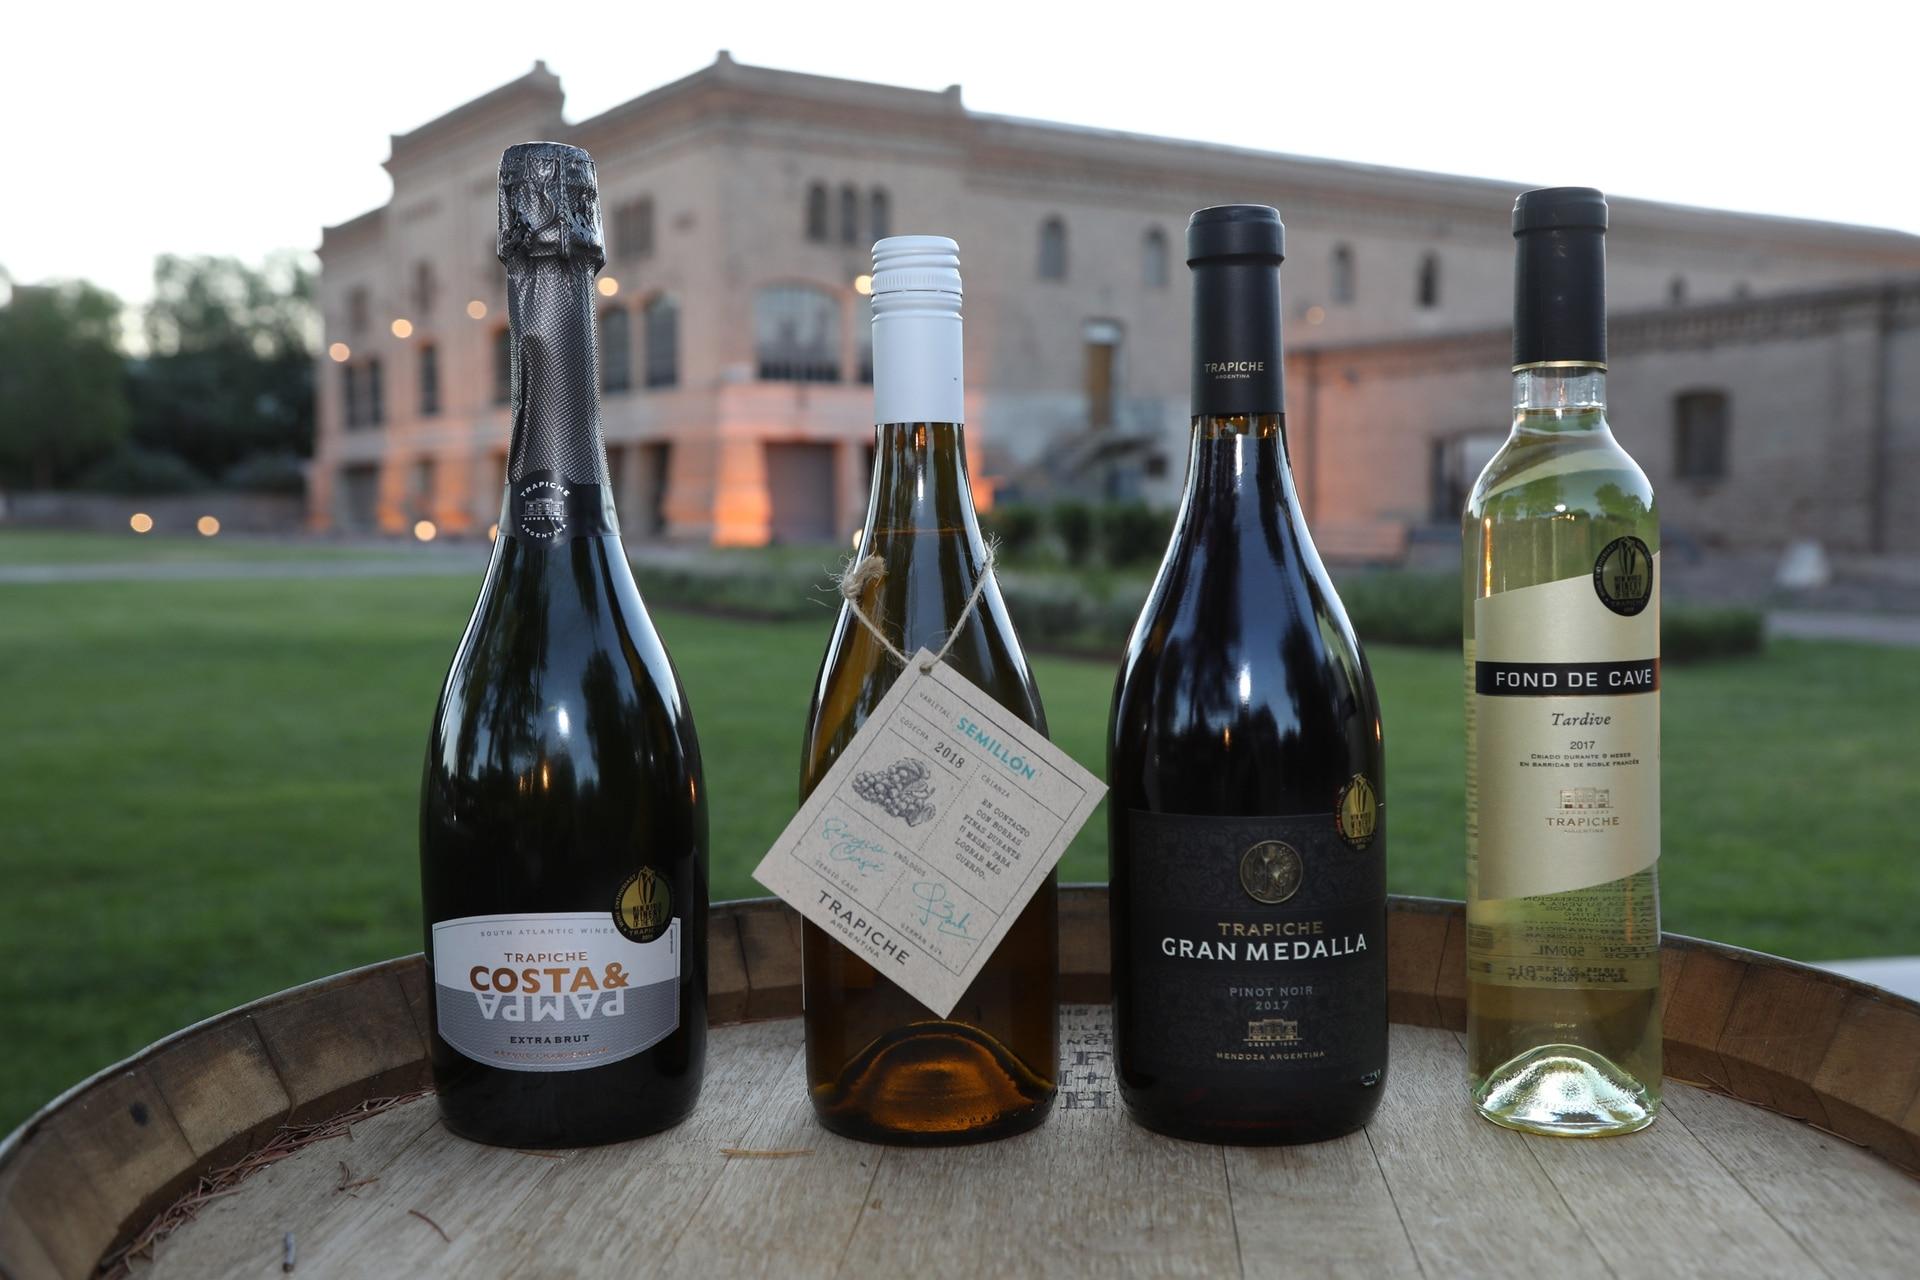 La cena fue maridada con vinos de las bodegas Trapiche y Costa & Pampa, la primera bodega argentina con vinos de influencia oceánica ubicada en Chapadmalal